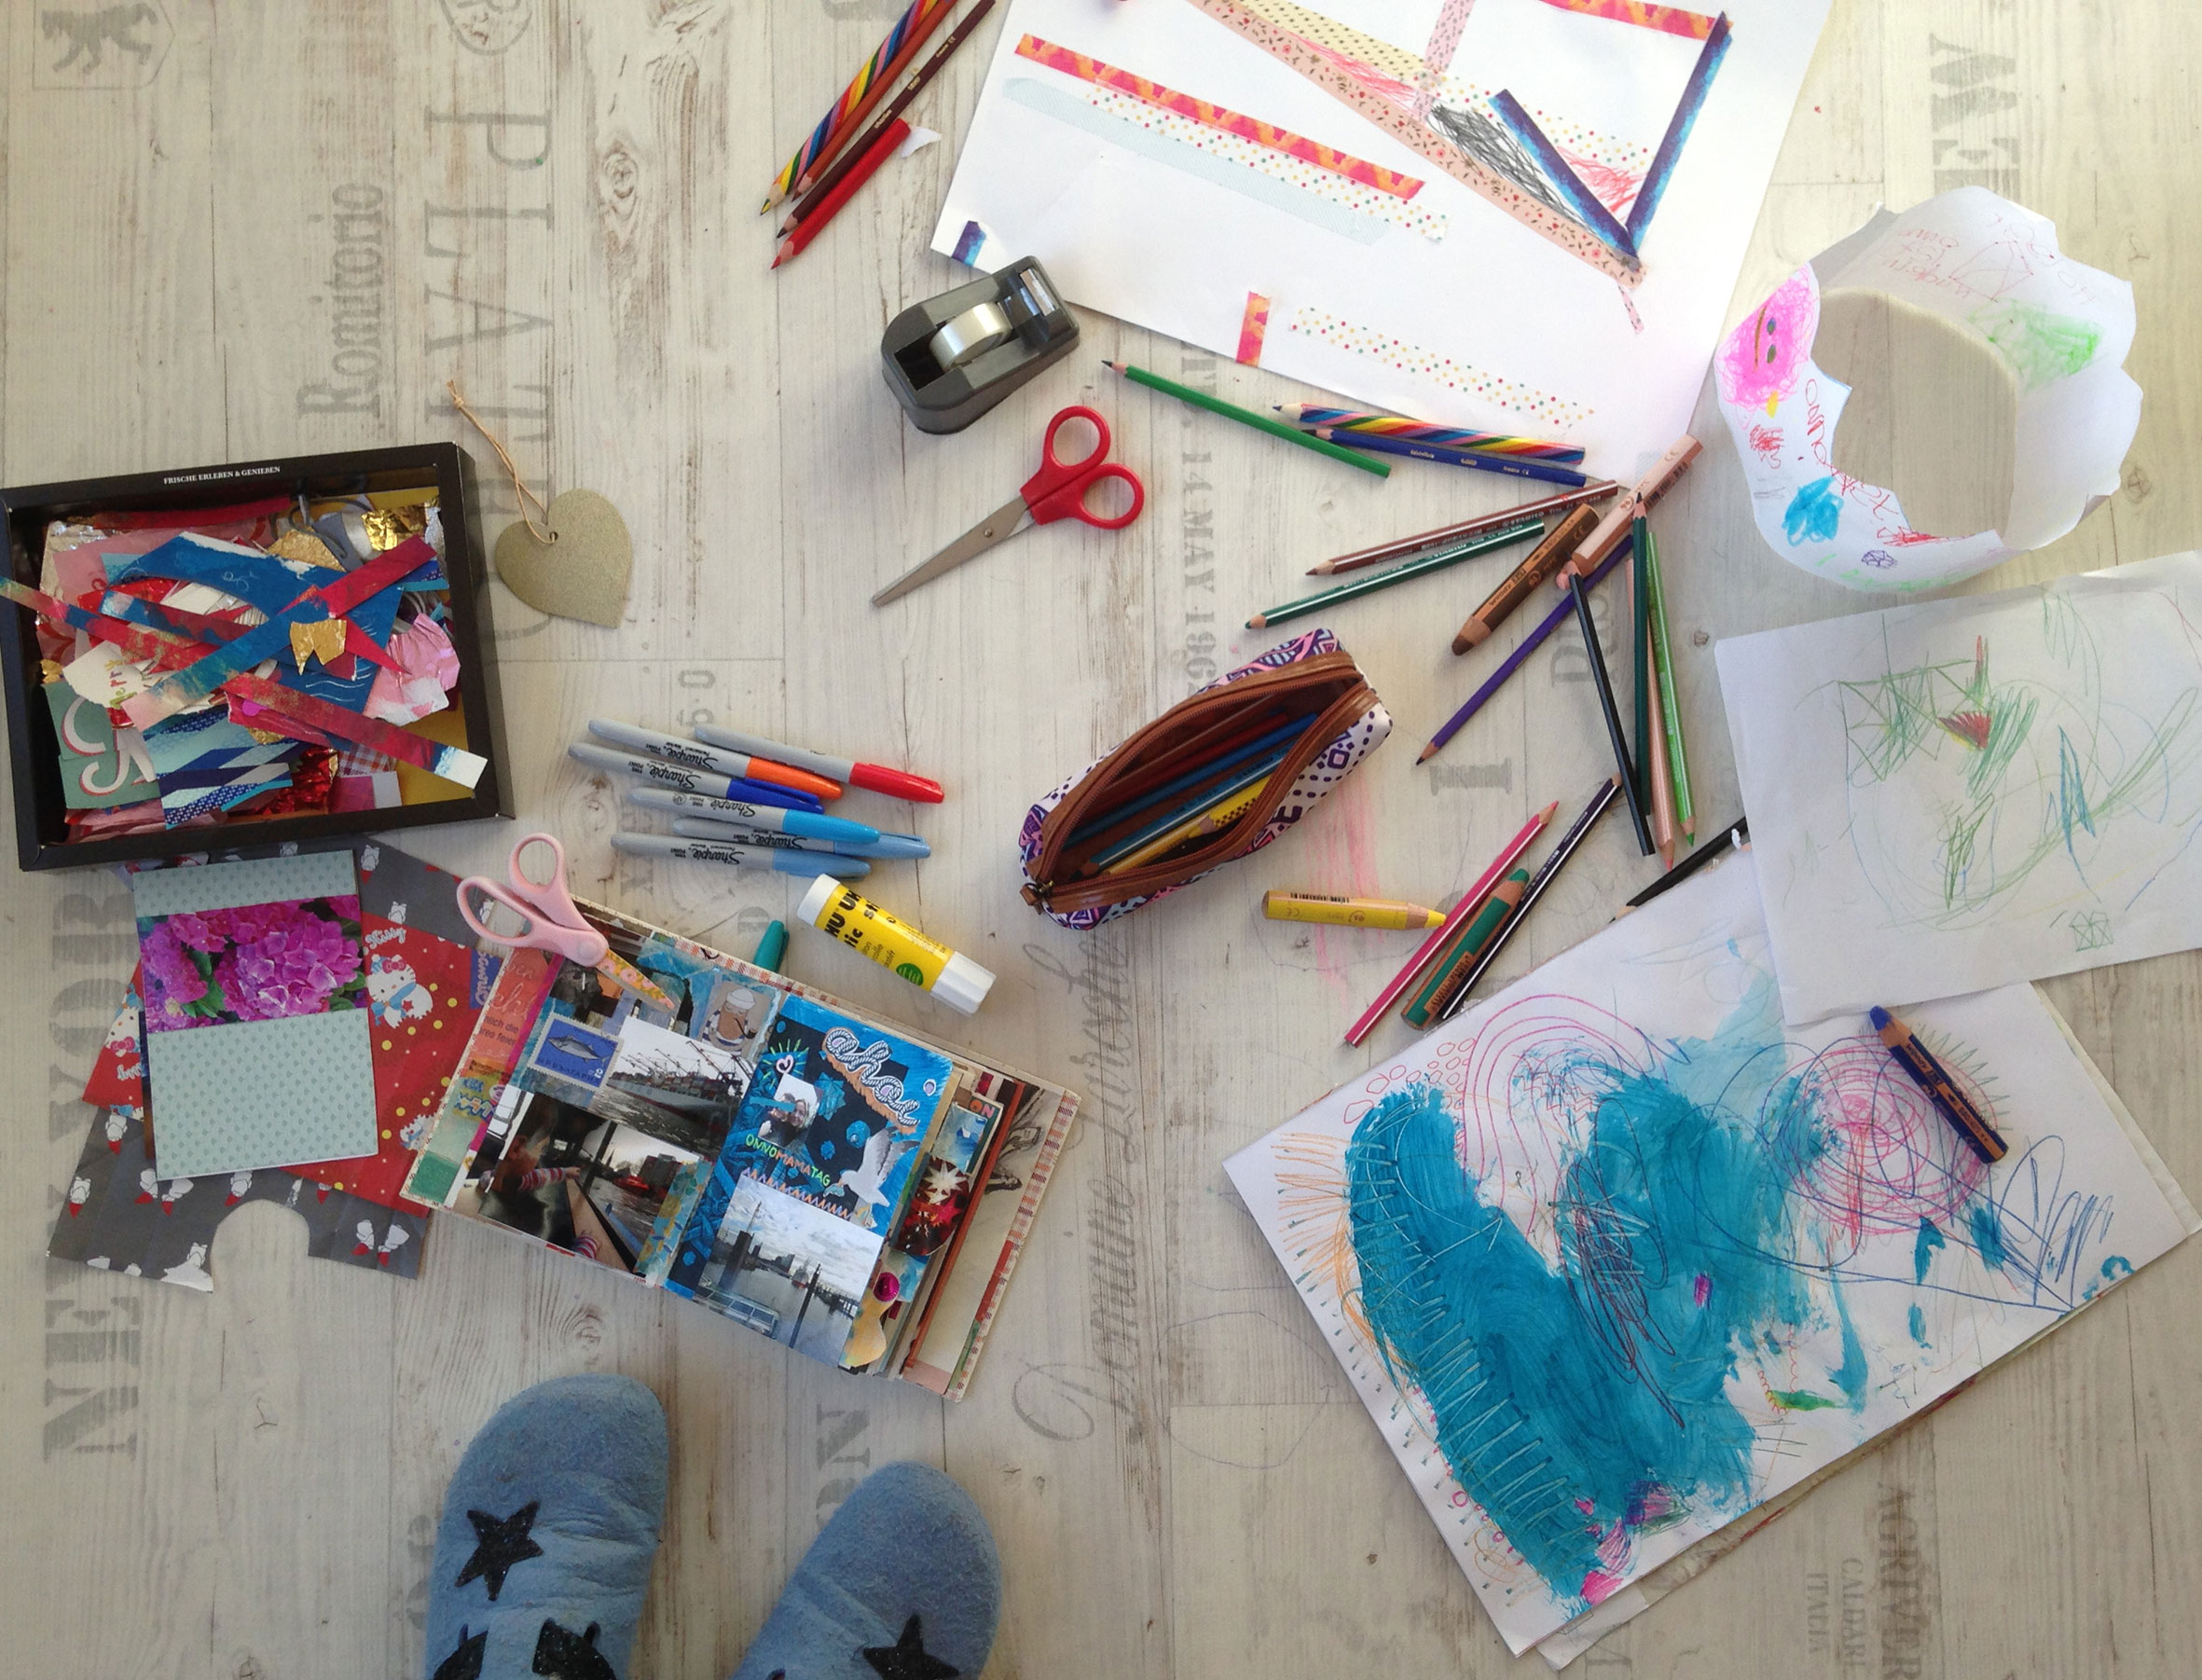 Kreativ-Zeit im Kindertrubel.  Wenn das Leben wenig Auszeiten bietet, wandert die Auszeit eben mit Kind & Kegel ins Kinderzimmer.